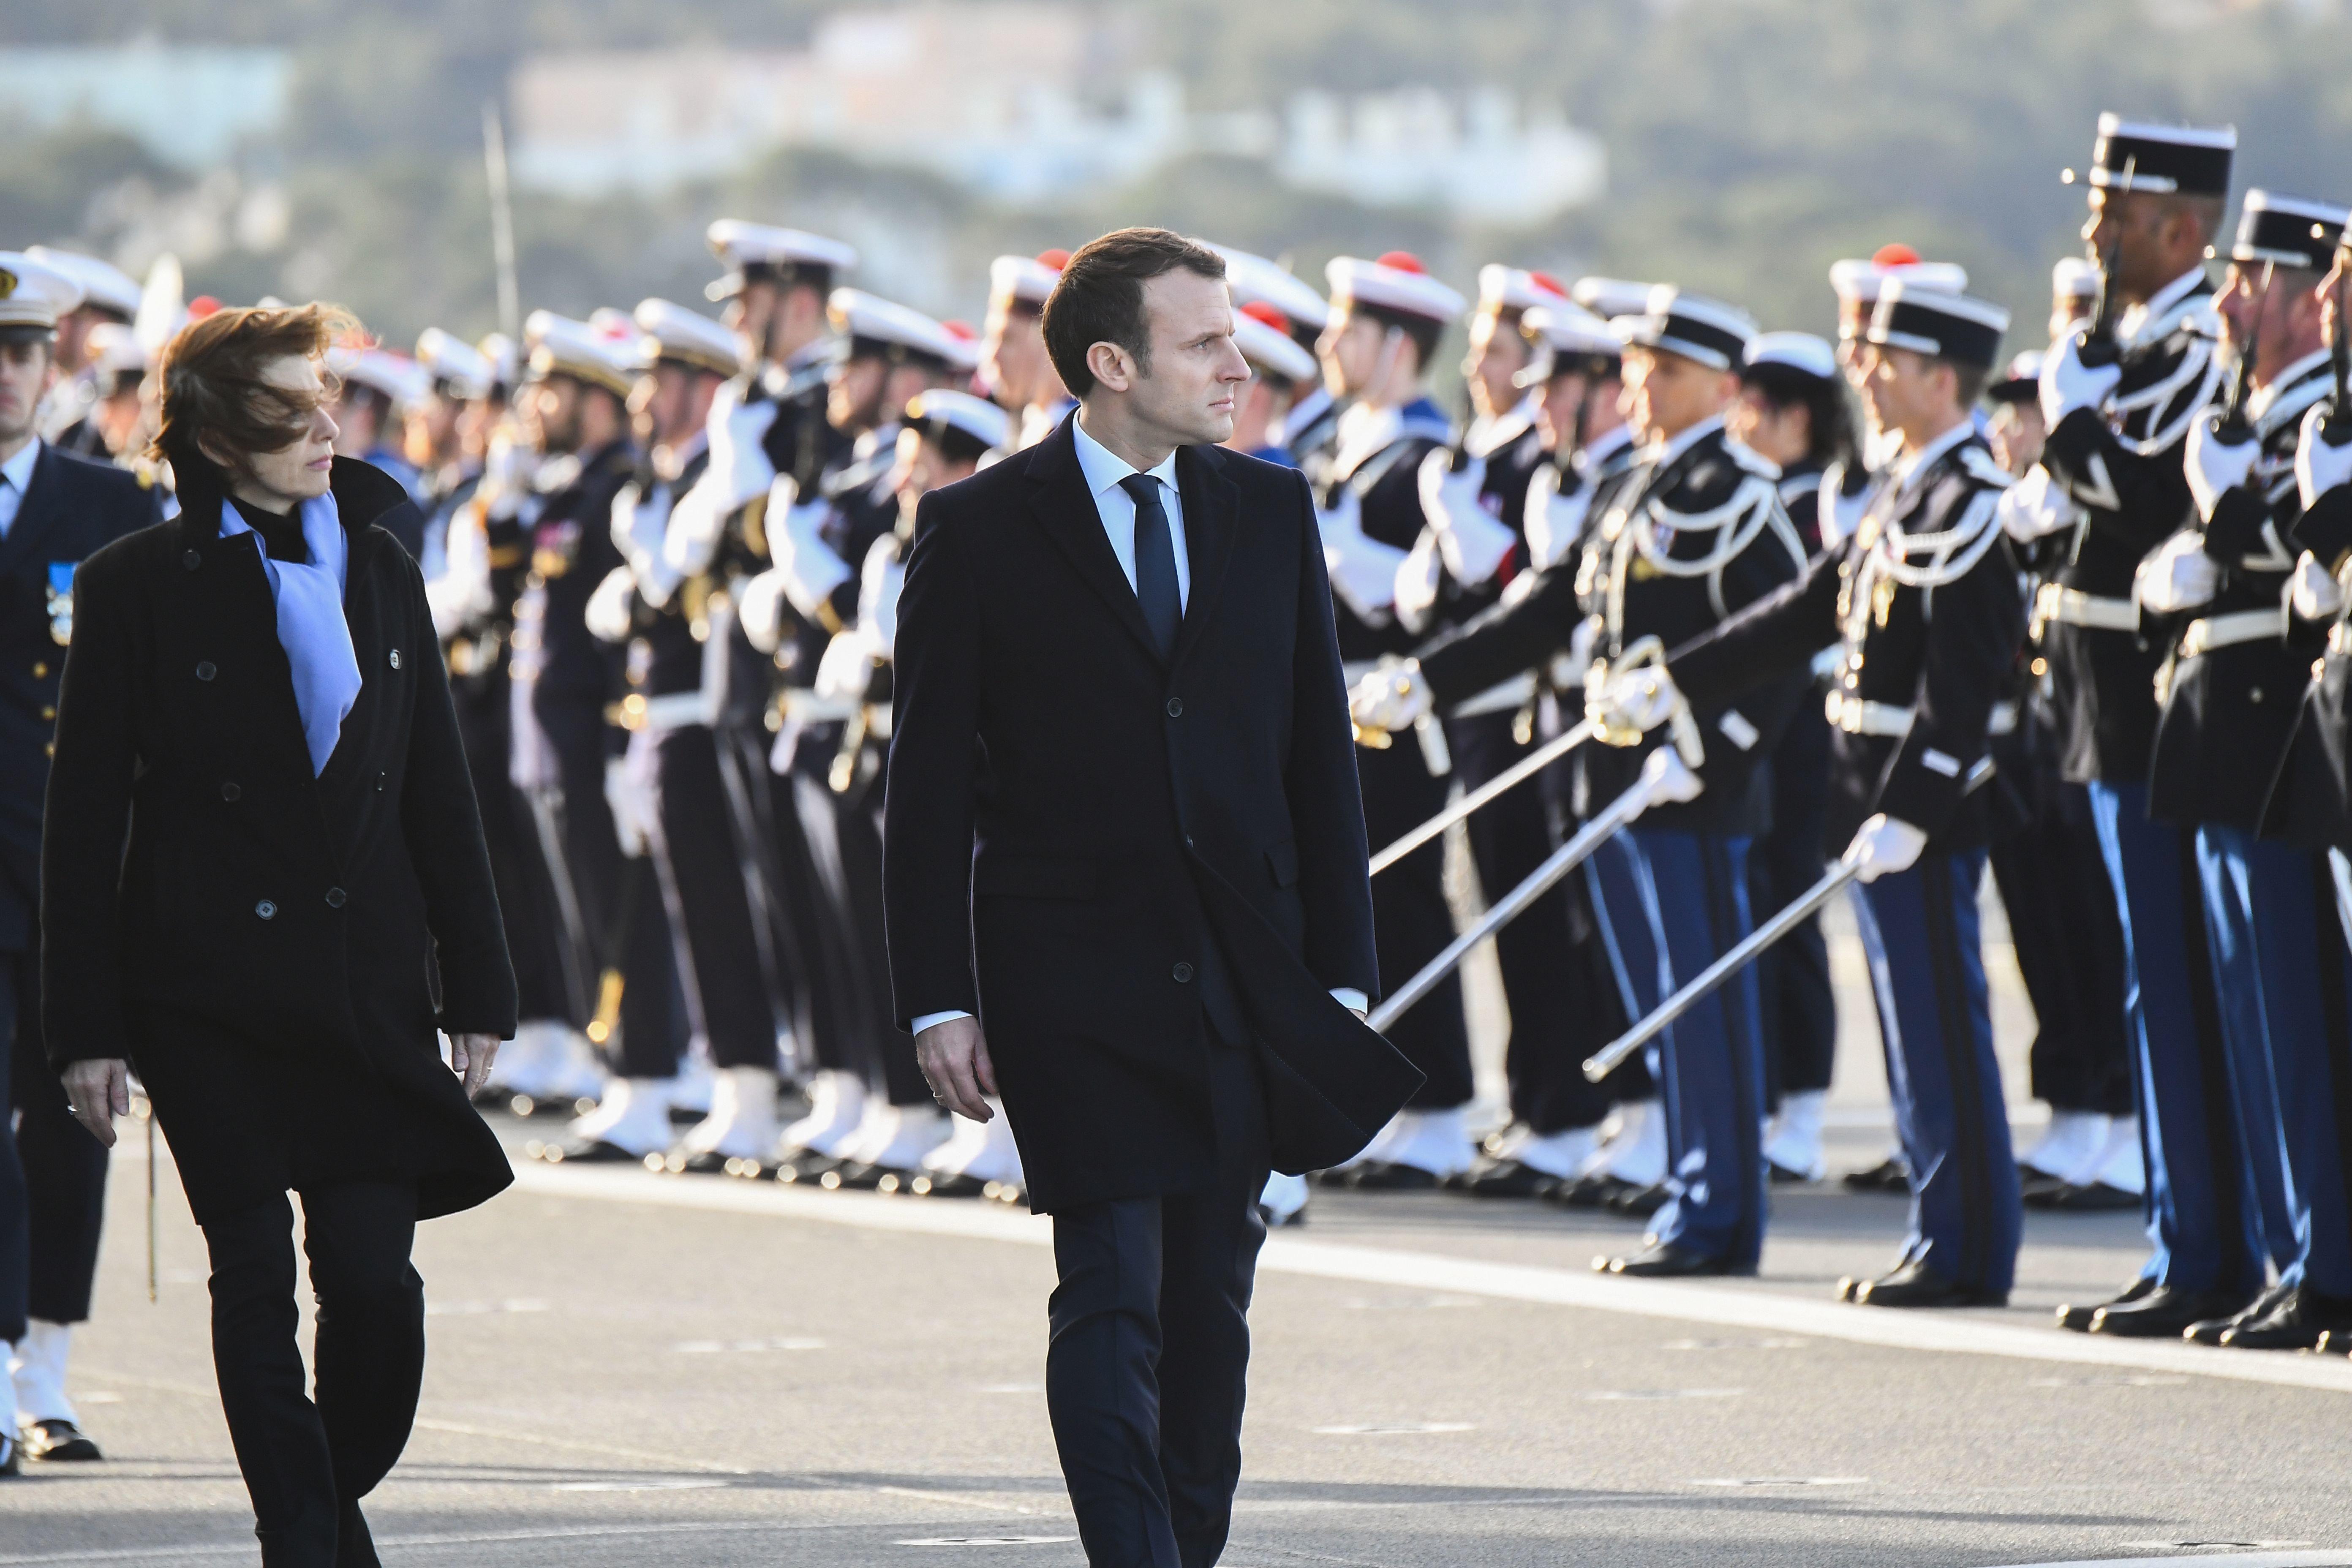 Macron: Frankreich wird Syrien angreifen, sollte Chemiewaffeneinsatz bewiesen werden